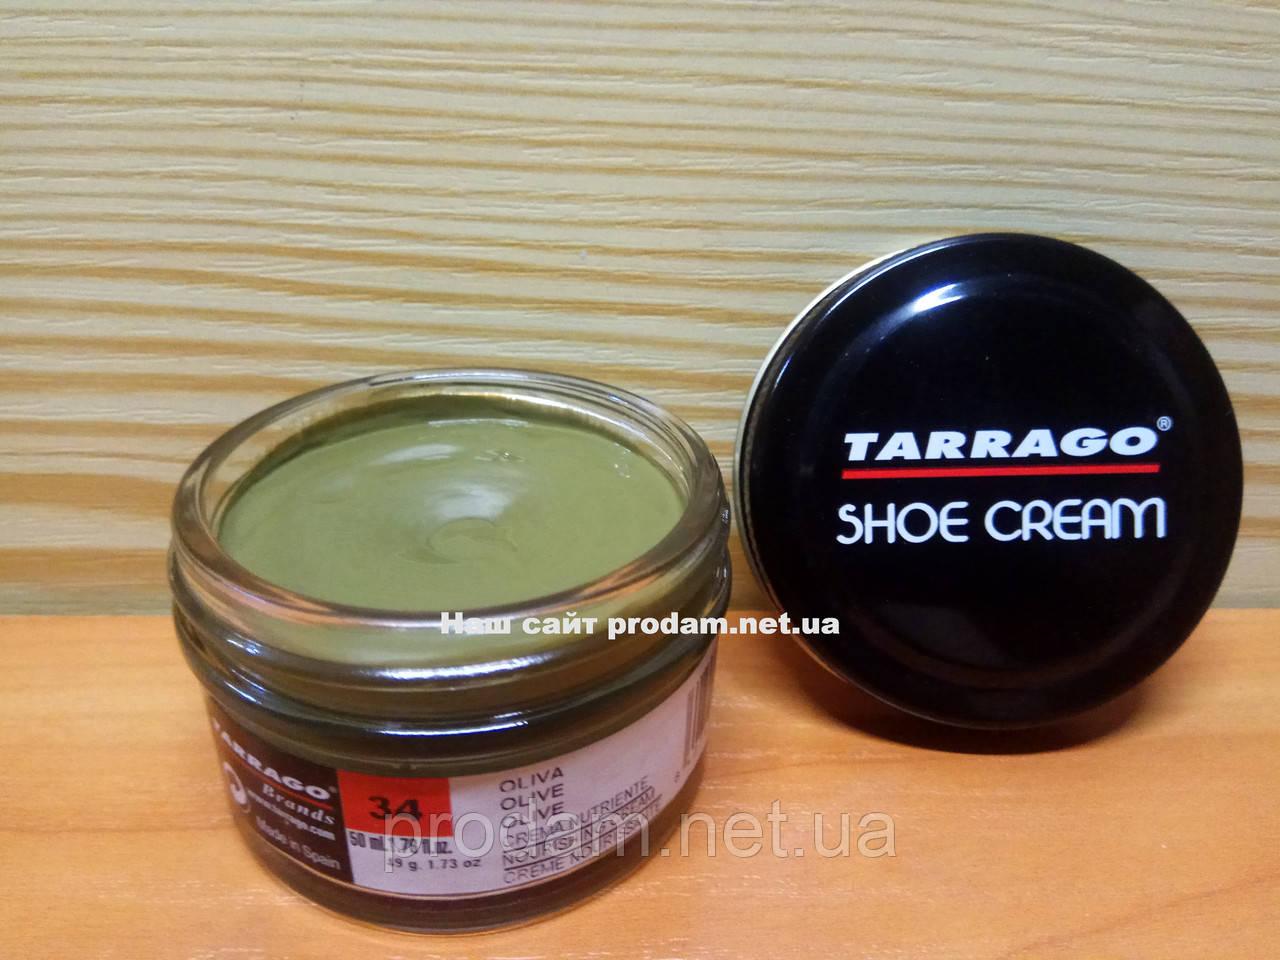 Крем для взуття Tarrago -№ 034 оливковий